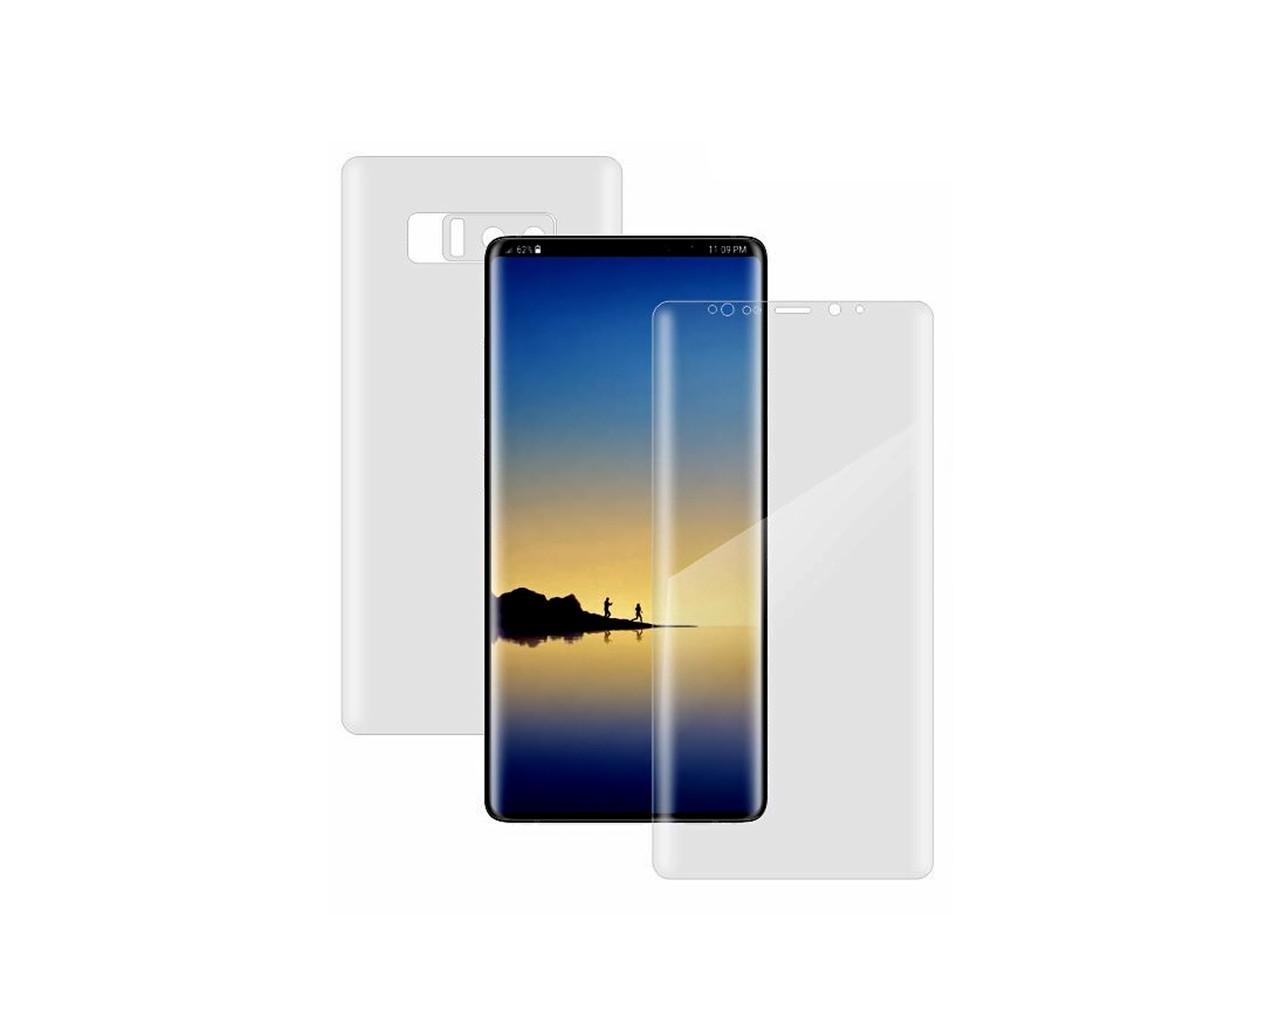 Захисна плівка Nano 2 сторони - лицьова і зворотна ITOP 360 для Samsung Galaxy Note 8 Full Cover